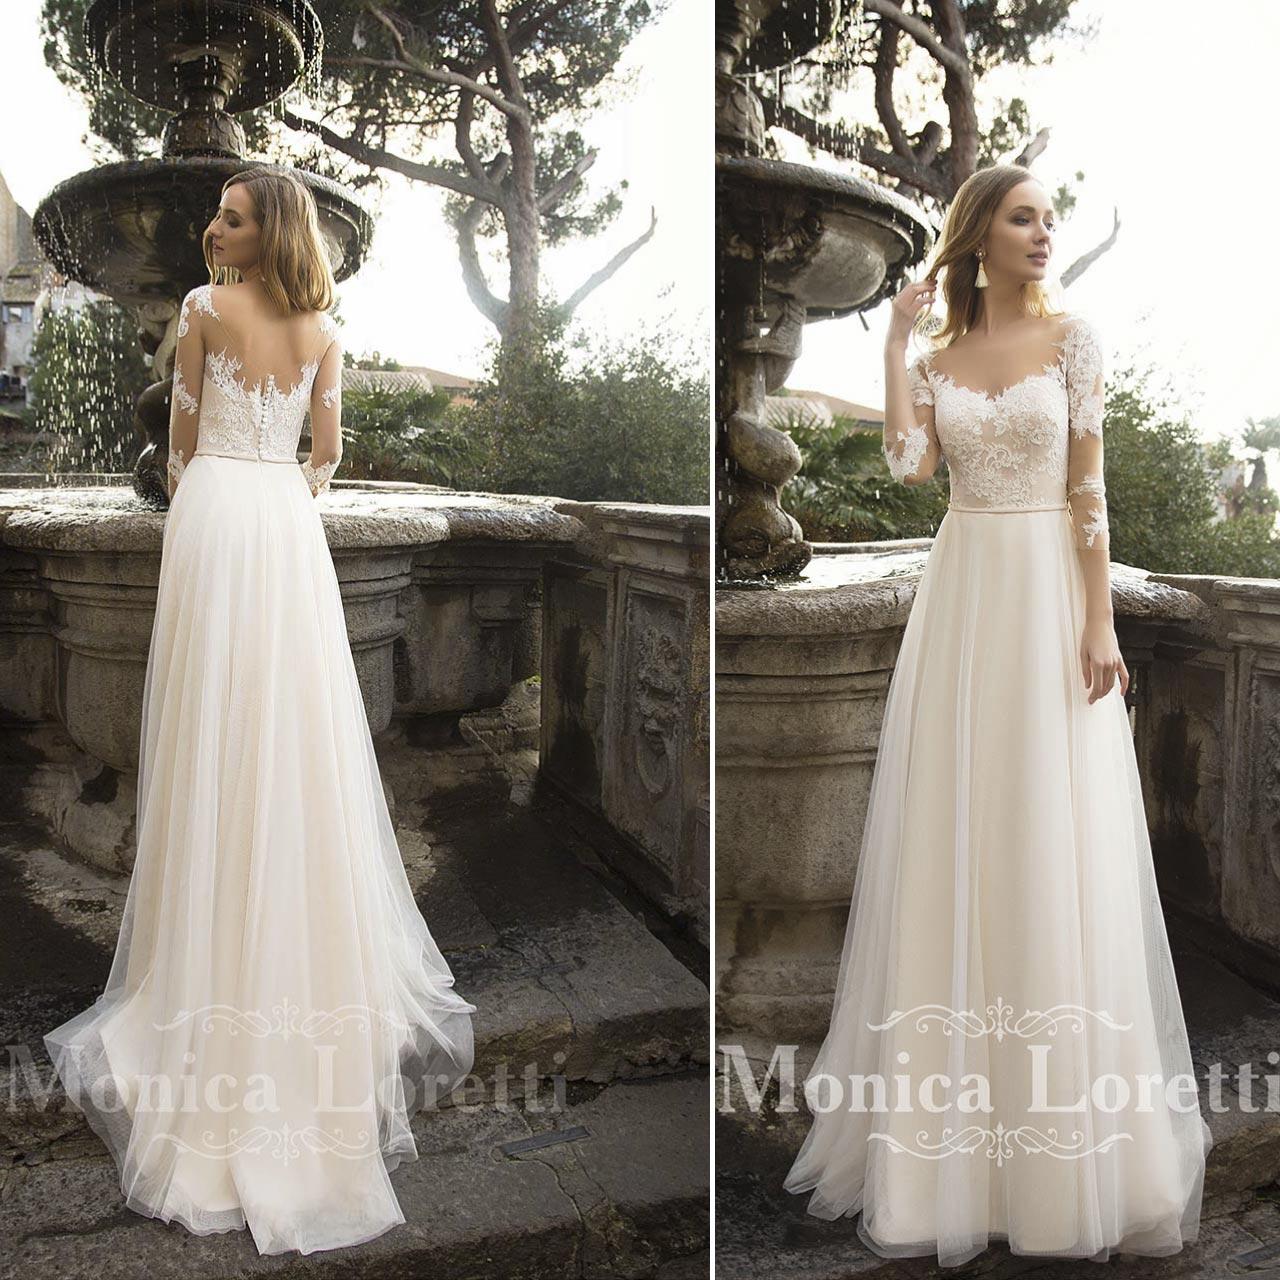 Abito da sposa semplice dalle linee classiche colore bianco articolo Mireia Monica  Loretti ... e3ac940cd0b